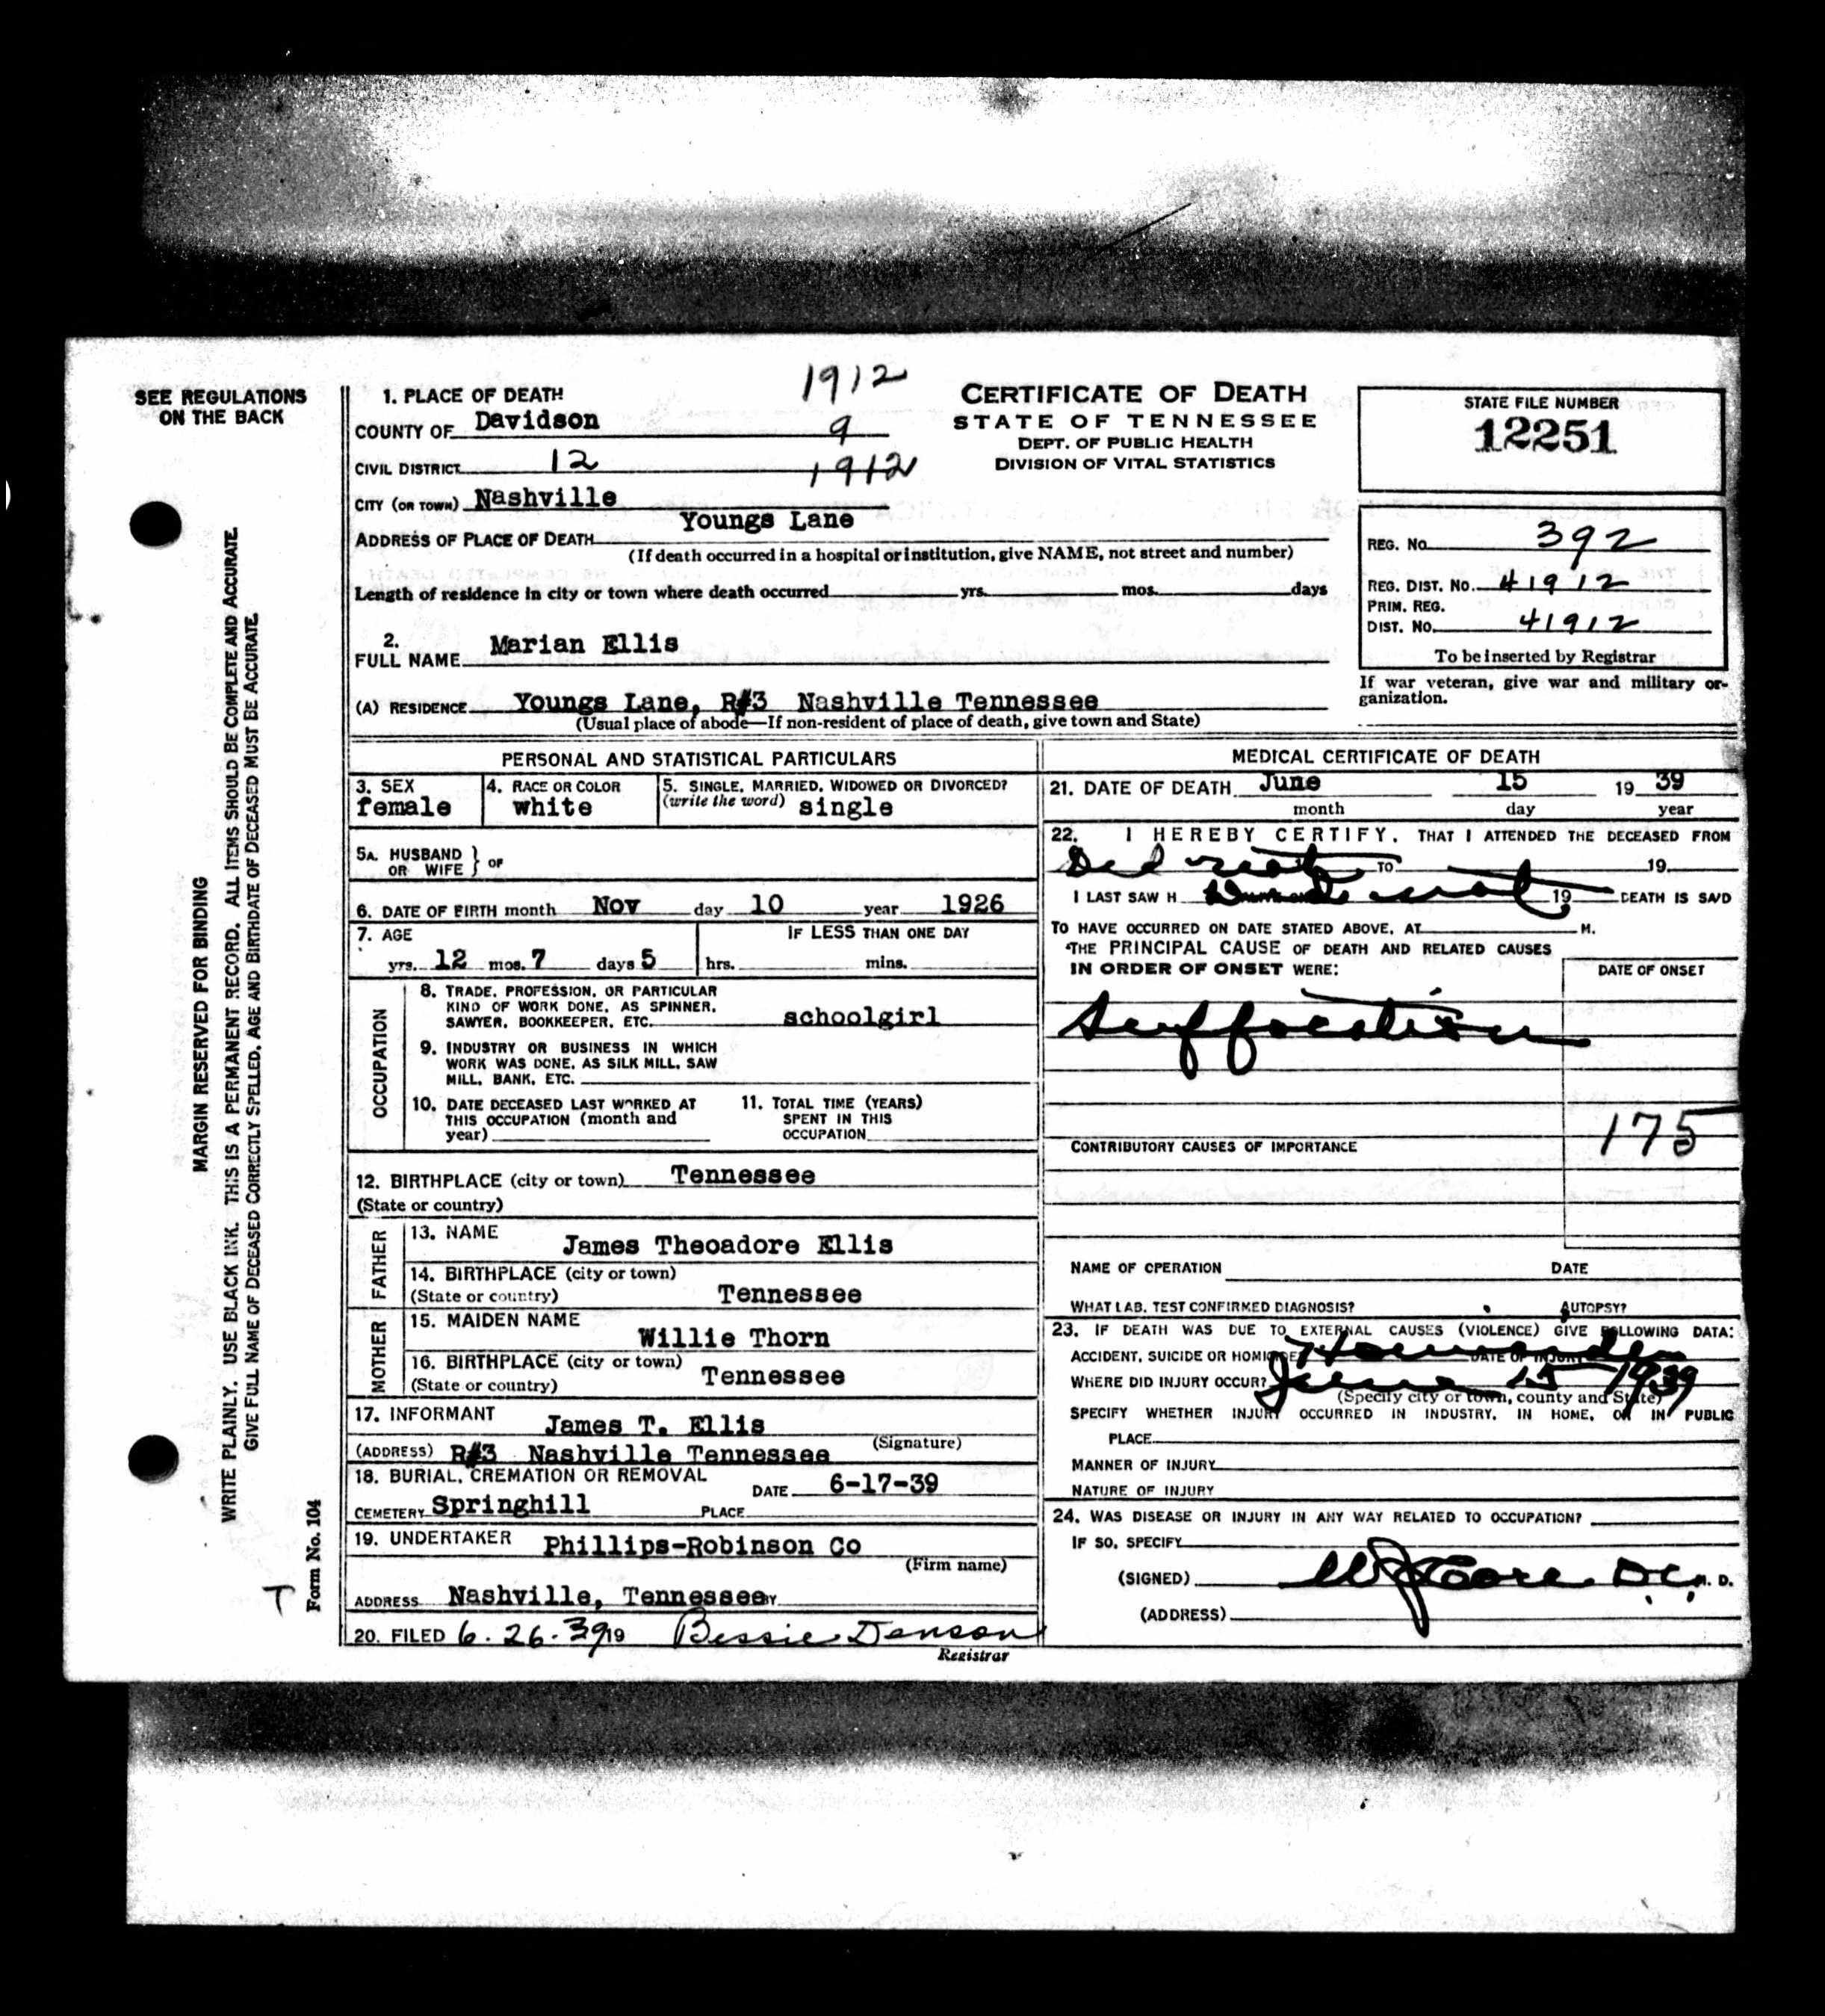 Marian Ellis death certificate.jpg